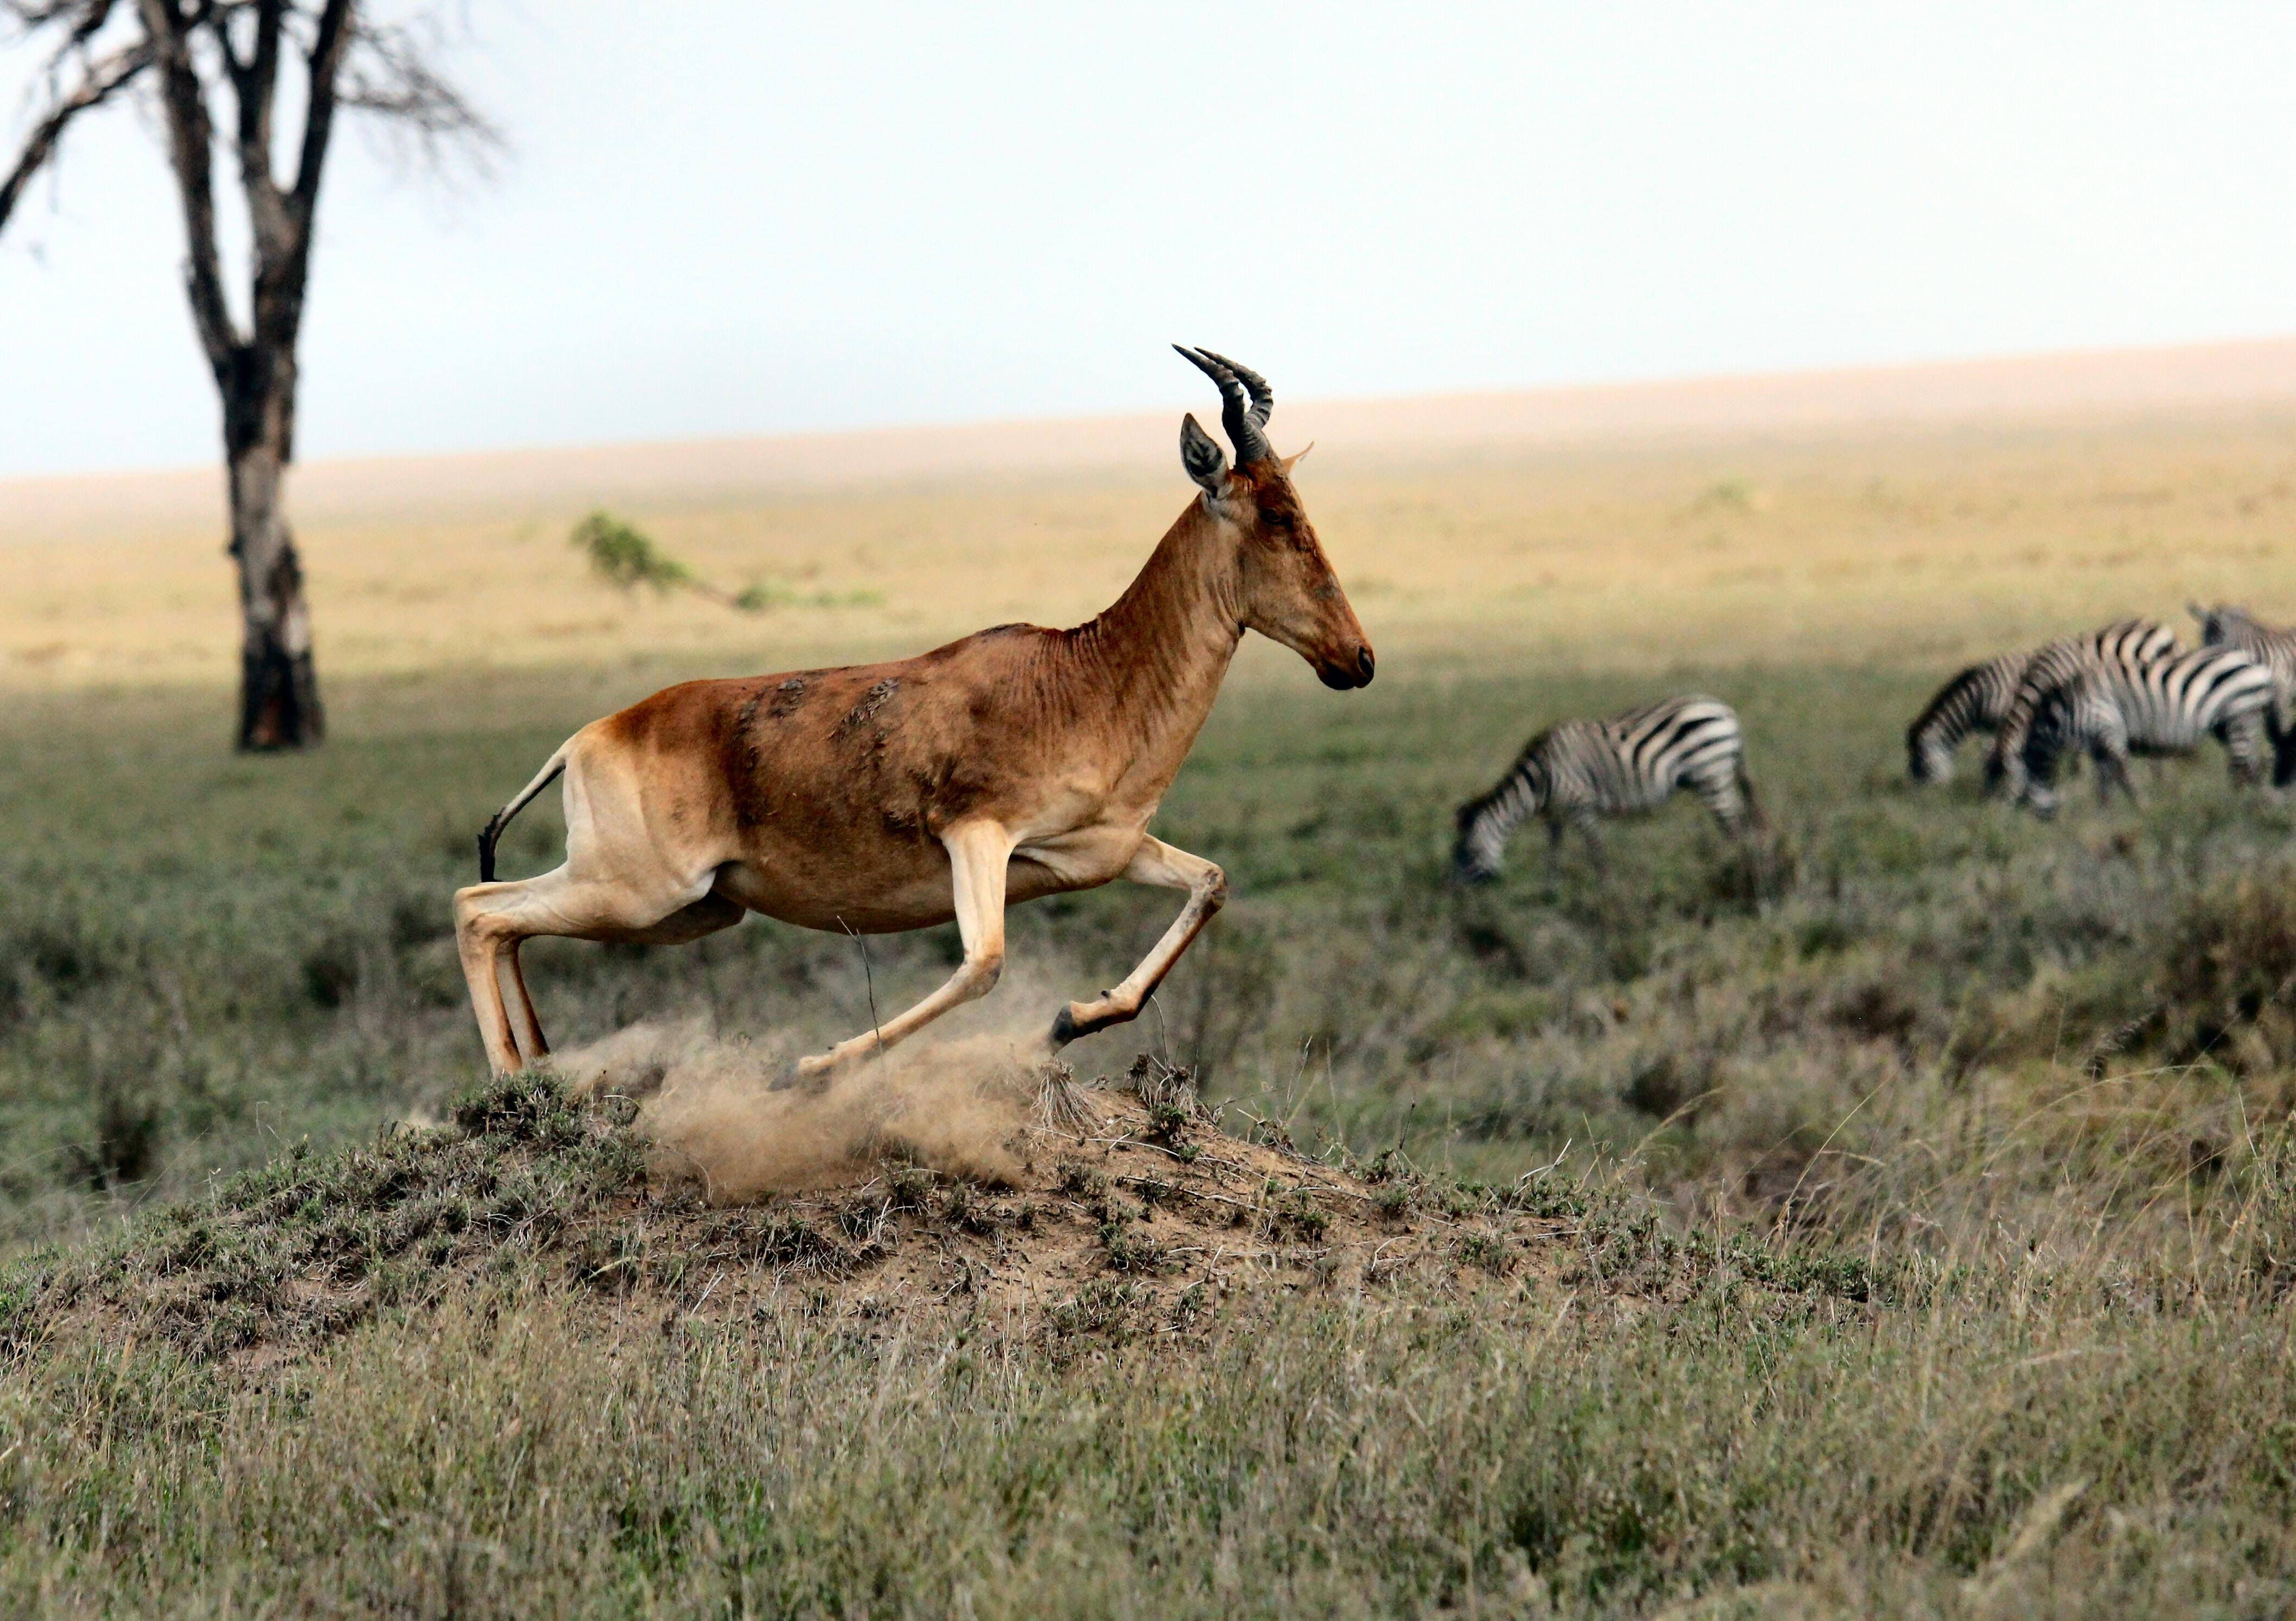 A running antelope near a grazing herd of zebras in a savannah